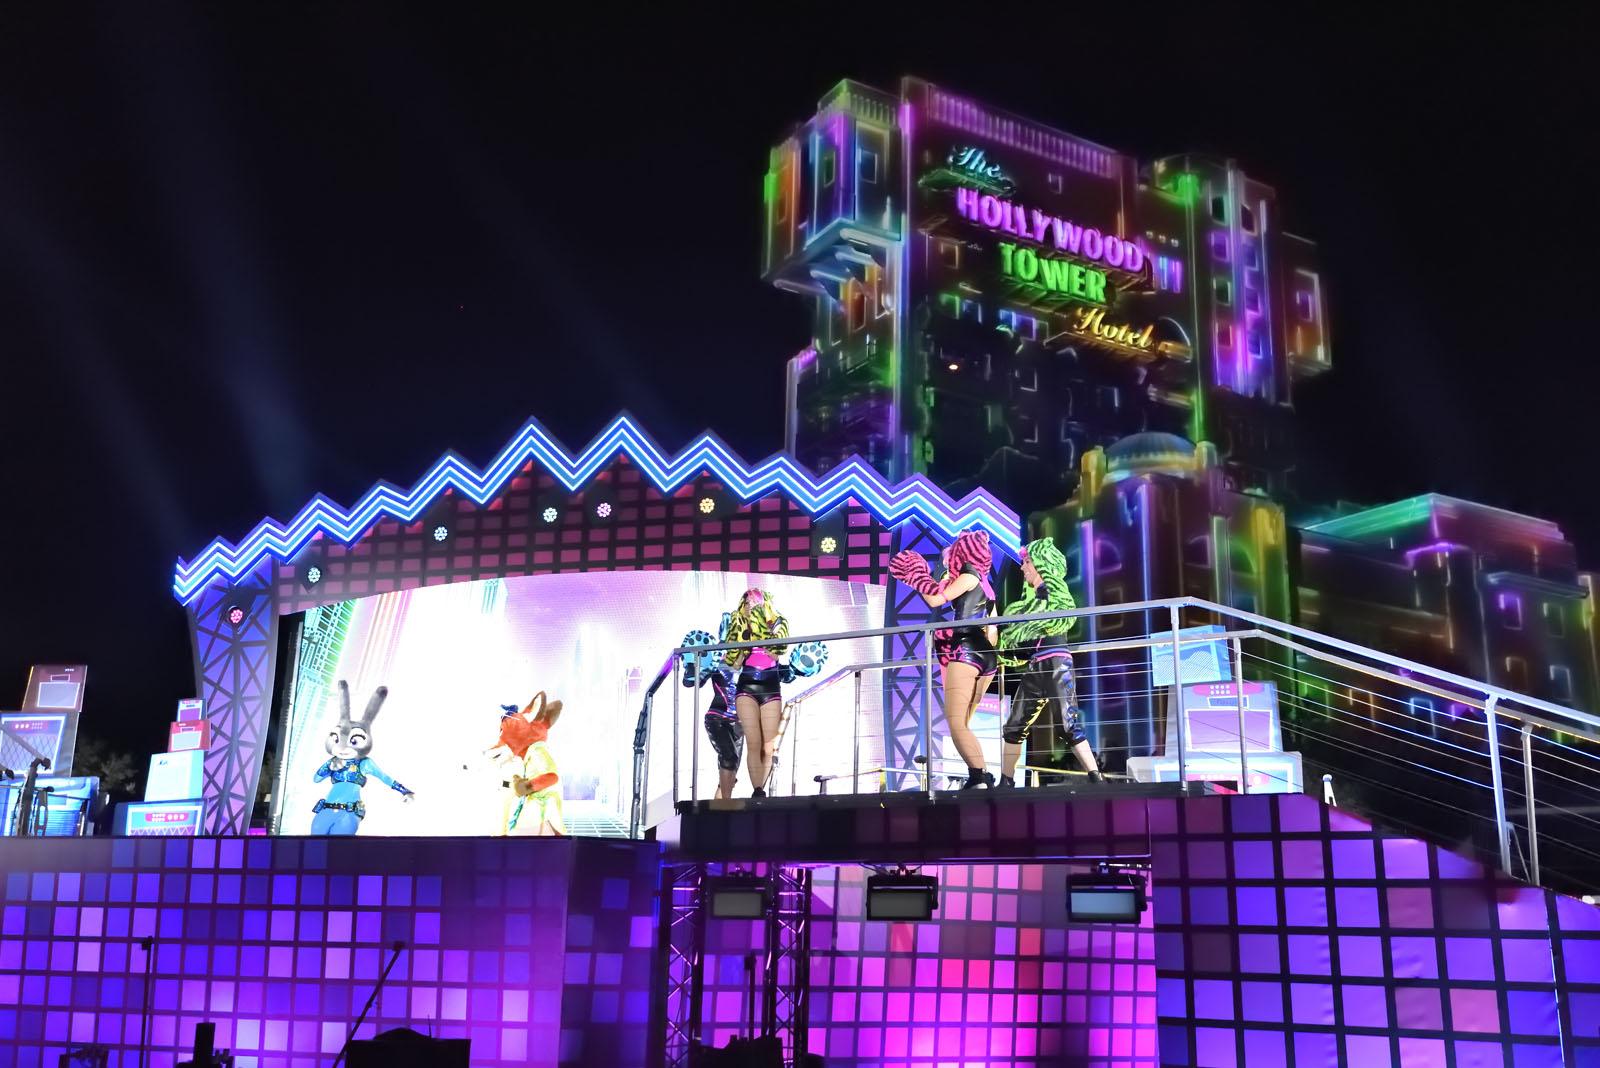 ディズニーランド・パリ ディズニー・ファンデイズ マックス・ライブ!ゲッティン・グーフィー・ウィズ・イット Disneyland Paris Disney FanDaze Max-Live! Gettin' Goofy with it